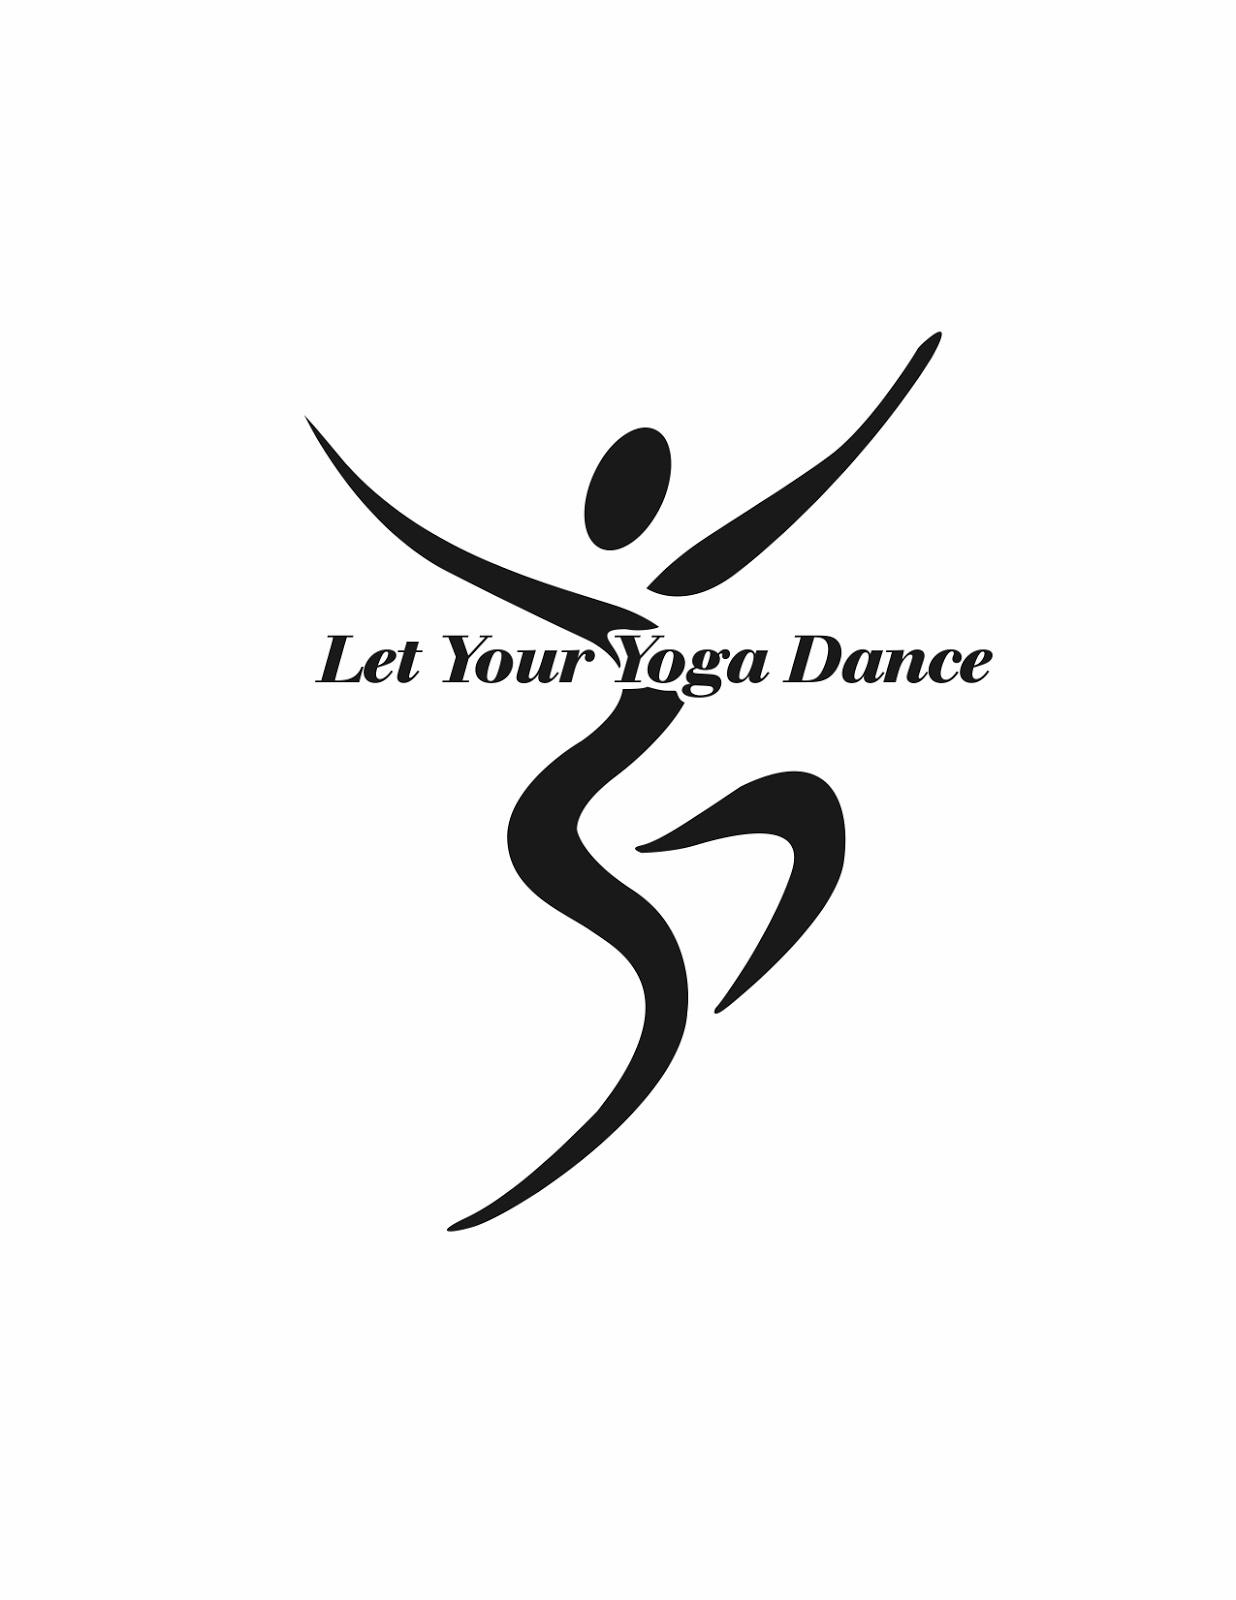 YOGA DANCE _ Điệu vũ tuyệt vời trong sự hòa quyện hơi thở, yoga, âm nhạc và... nhảy